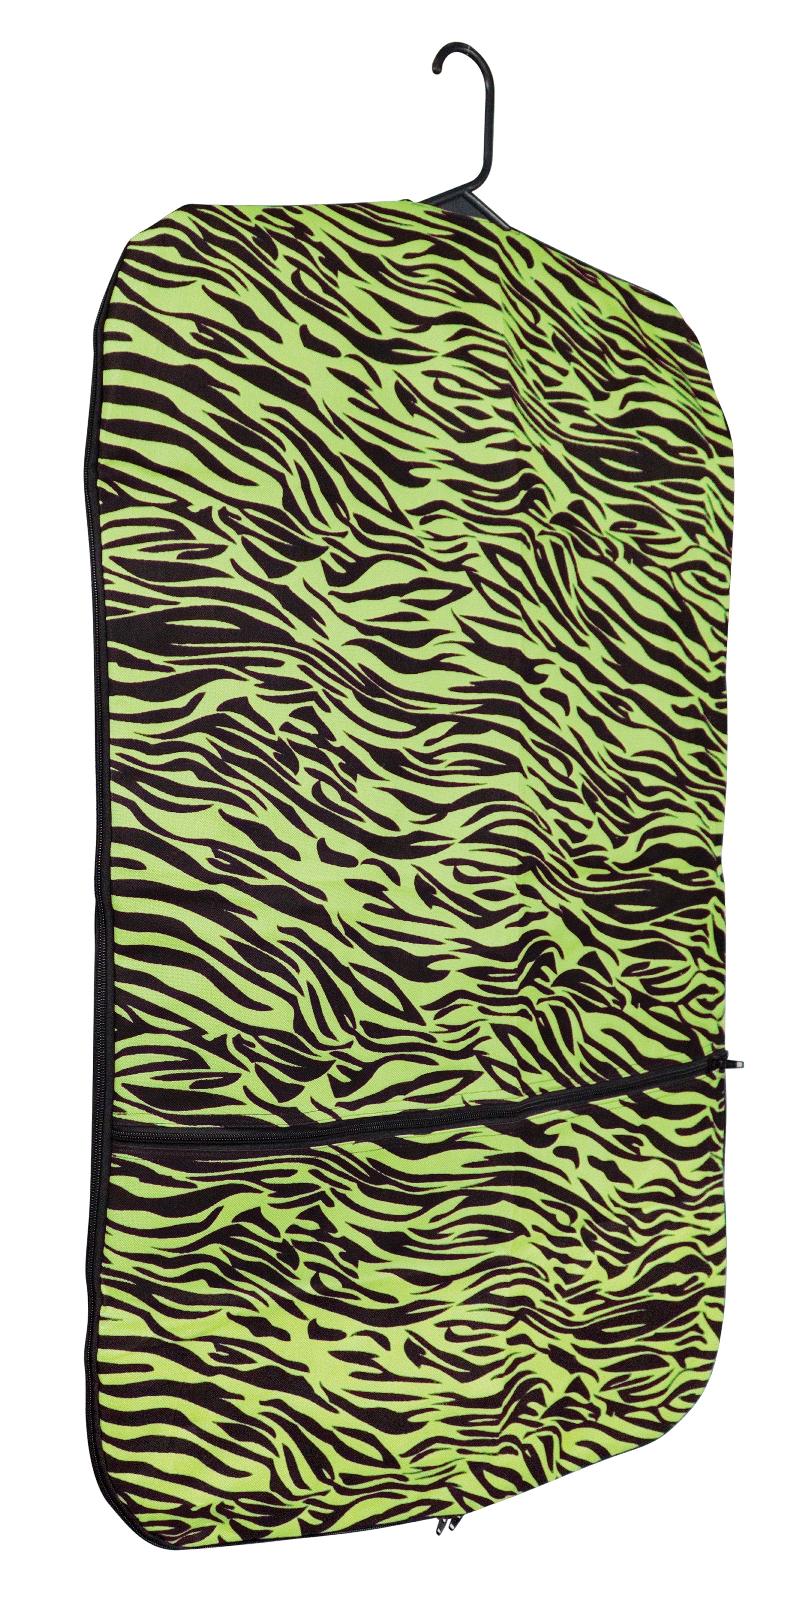 Perri's Zebra Garmet Bag